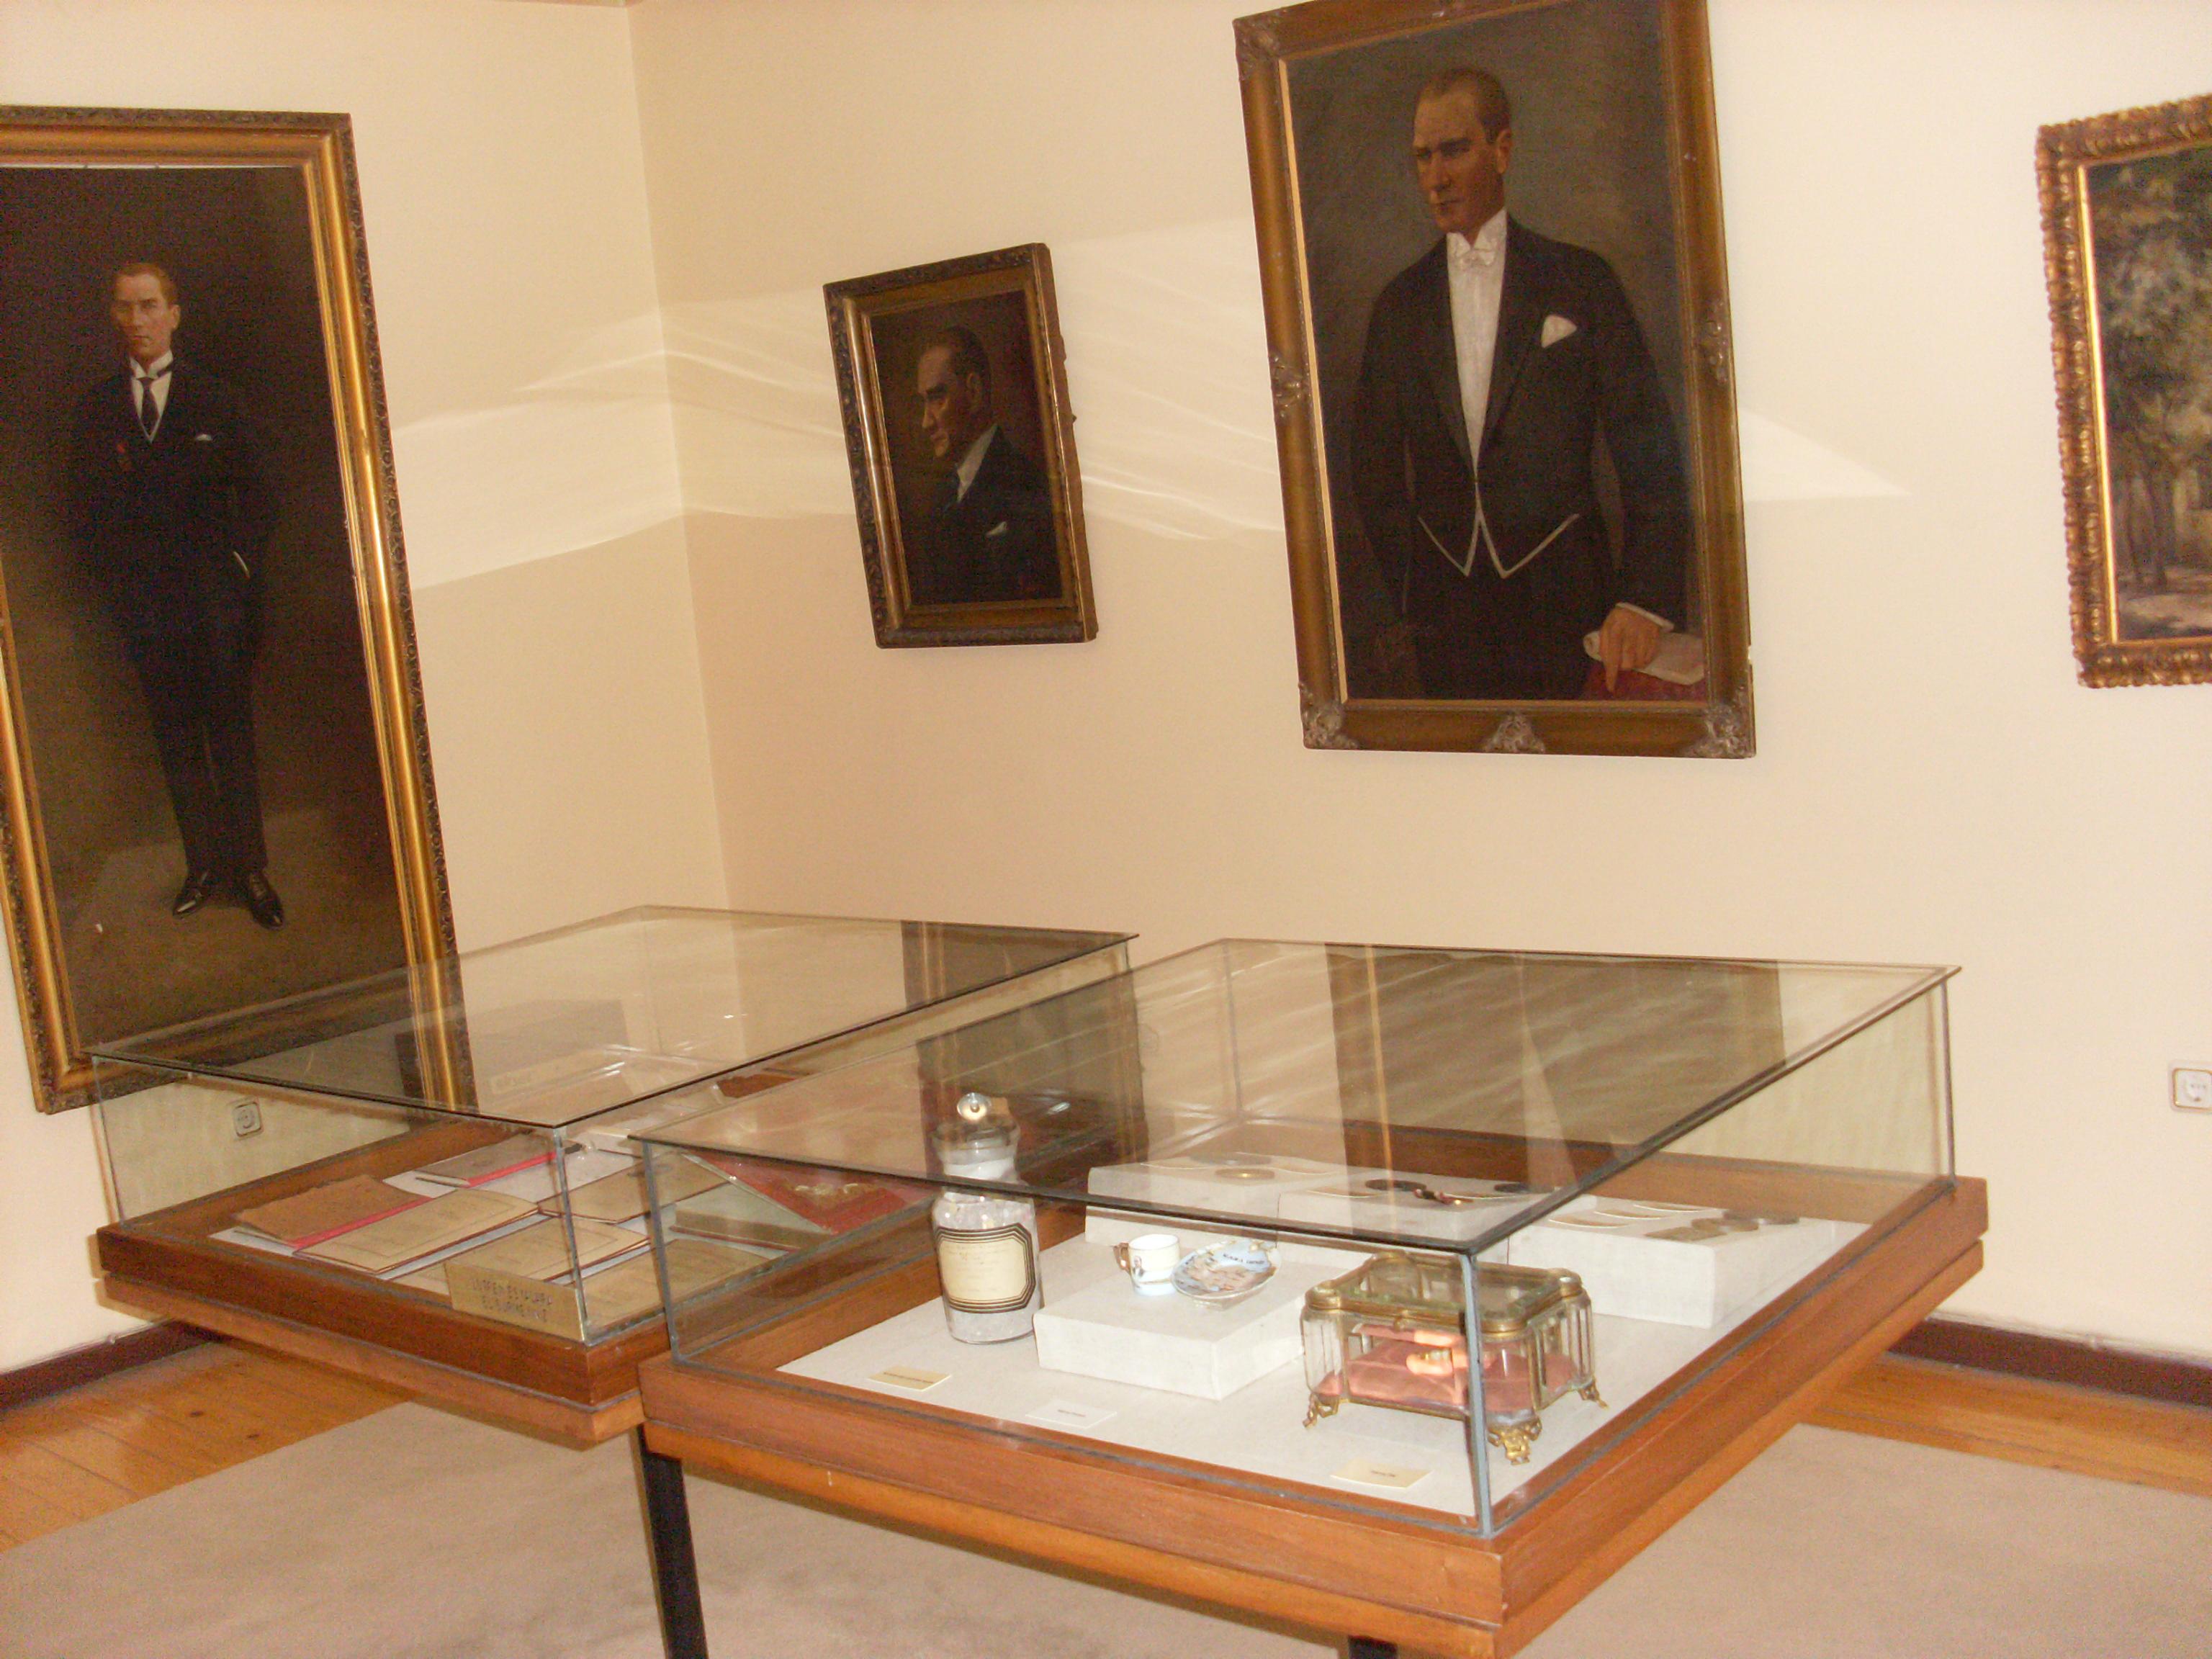 File:Atatürk Müzesi, Şişli İstanbul 10.JPG - Wikimedia Commons